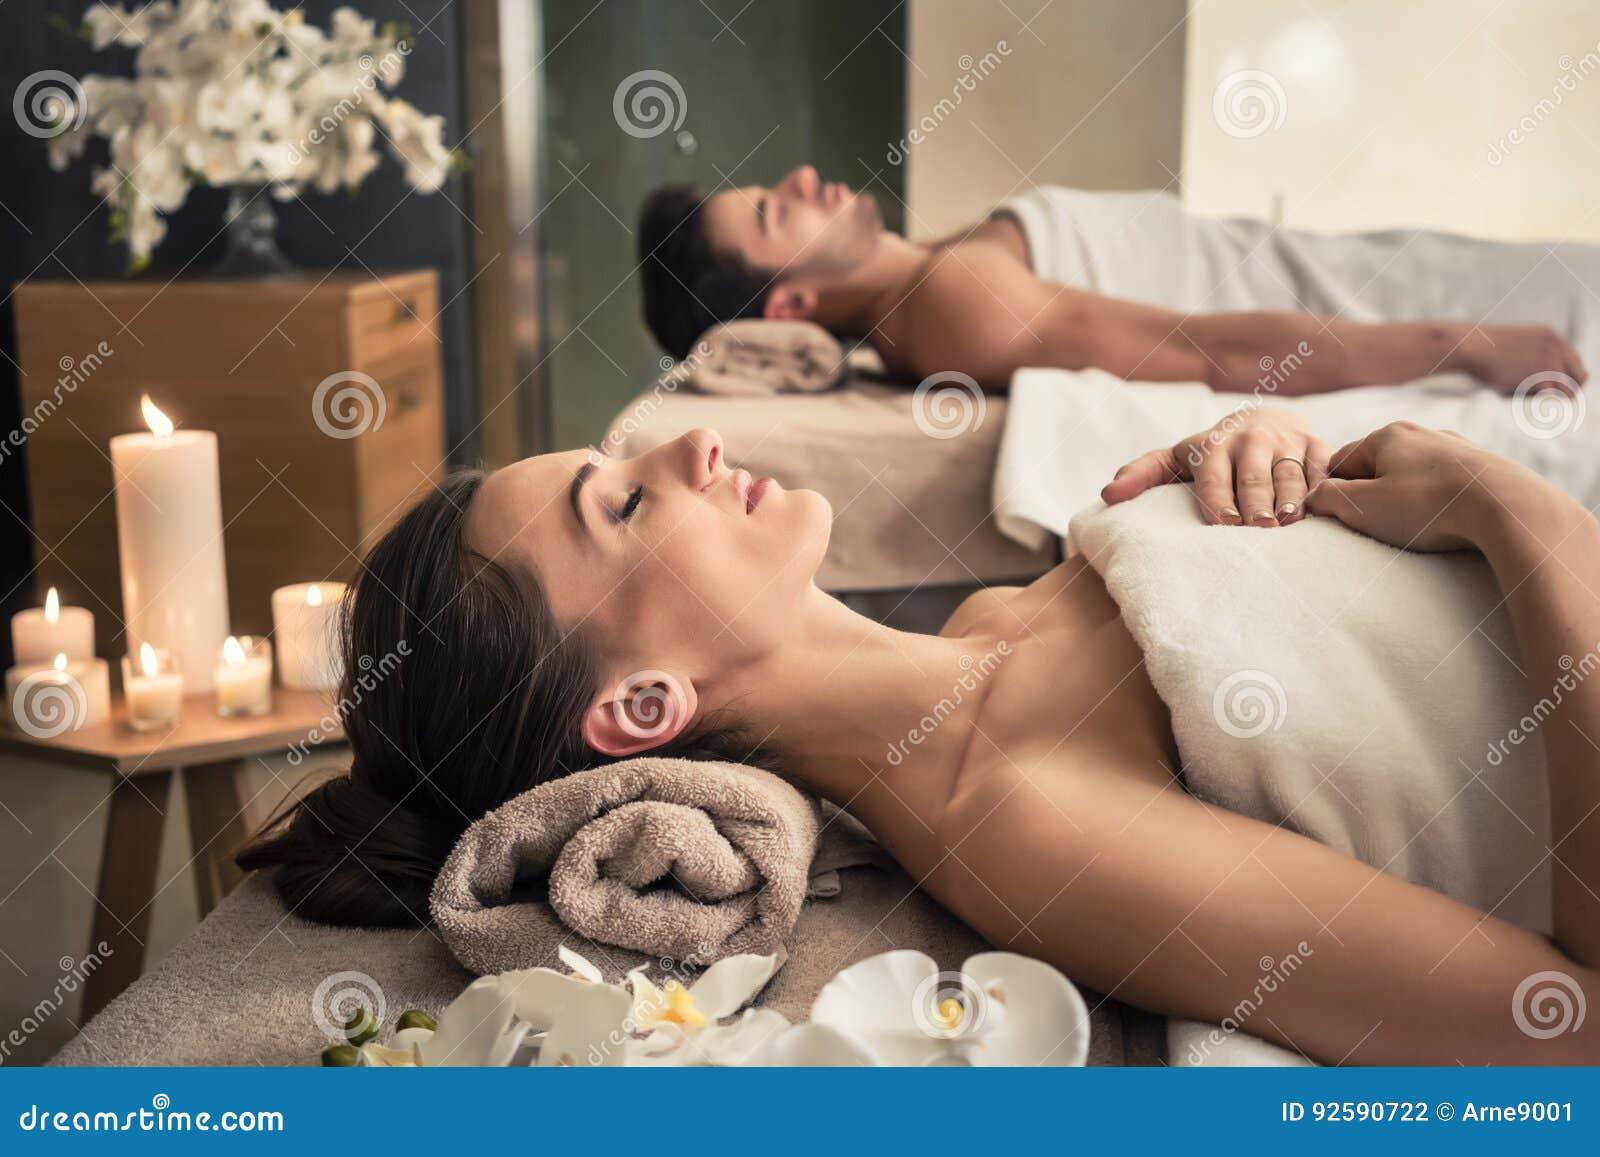 seks w azjatyckim salonie masażu gorące czarne nastolatki cycki